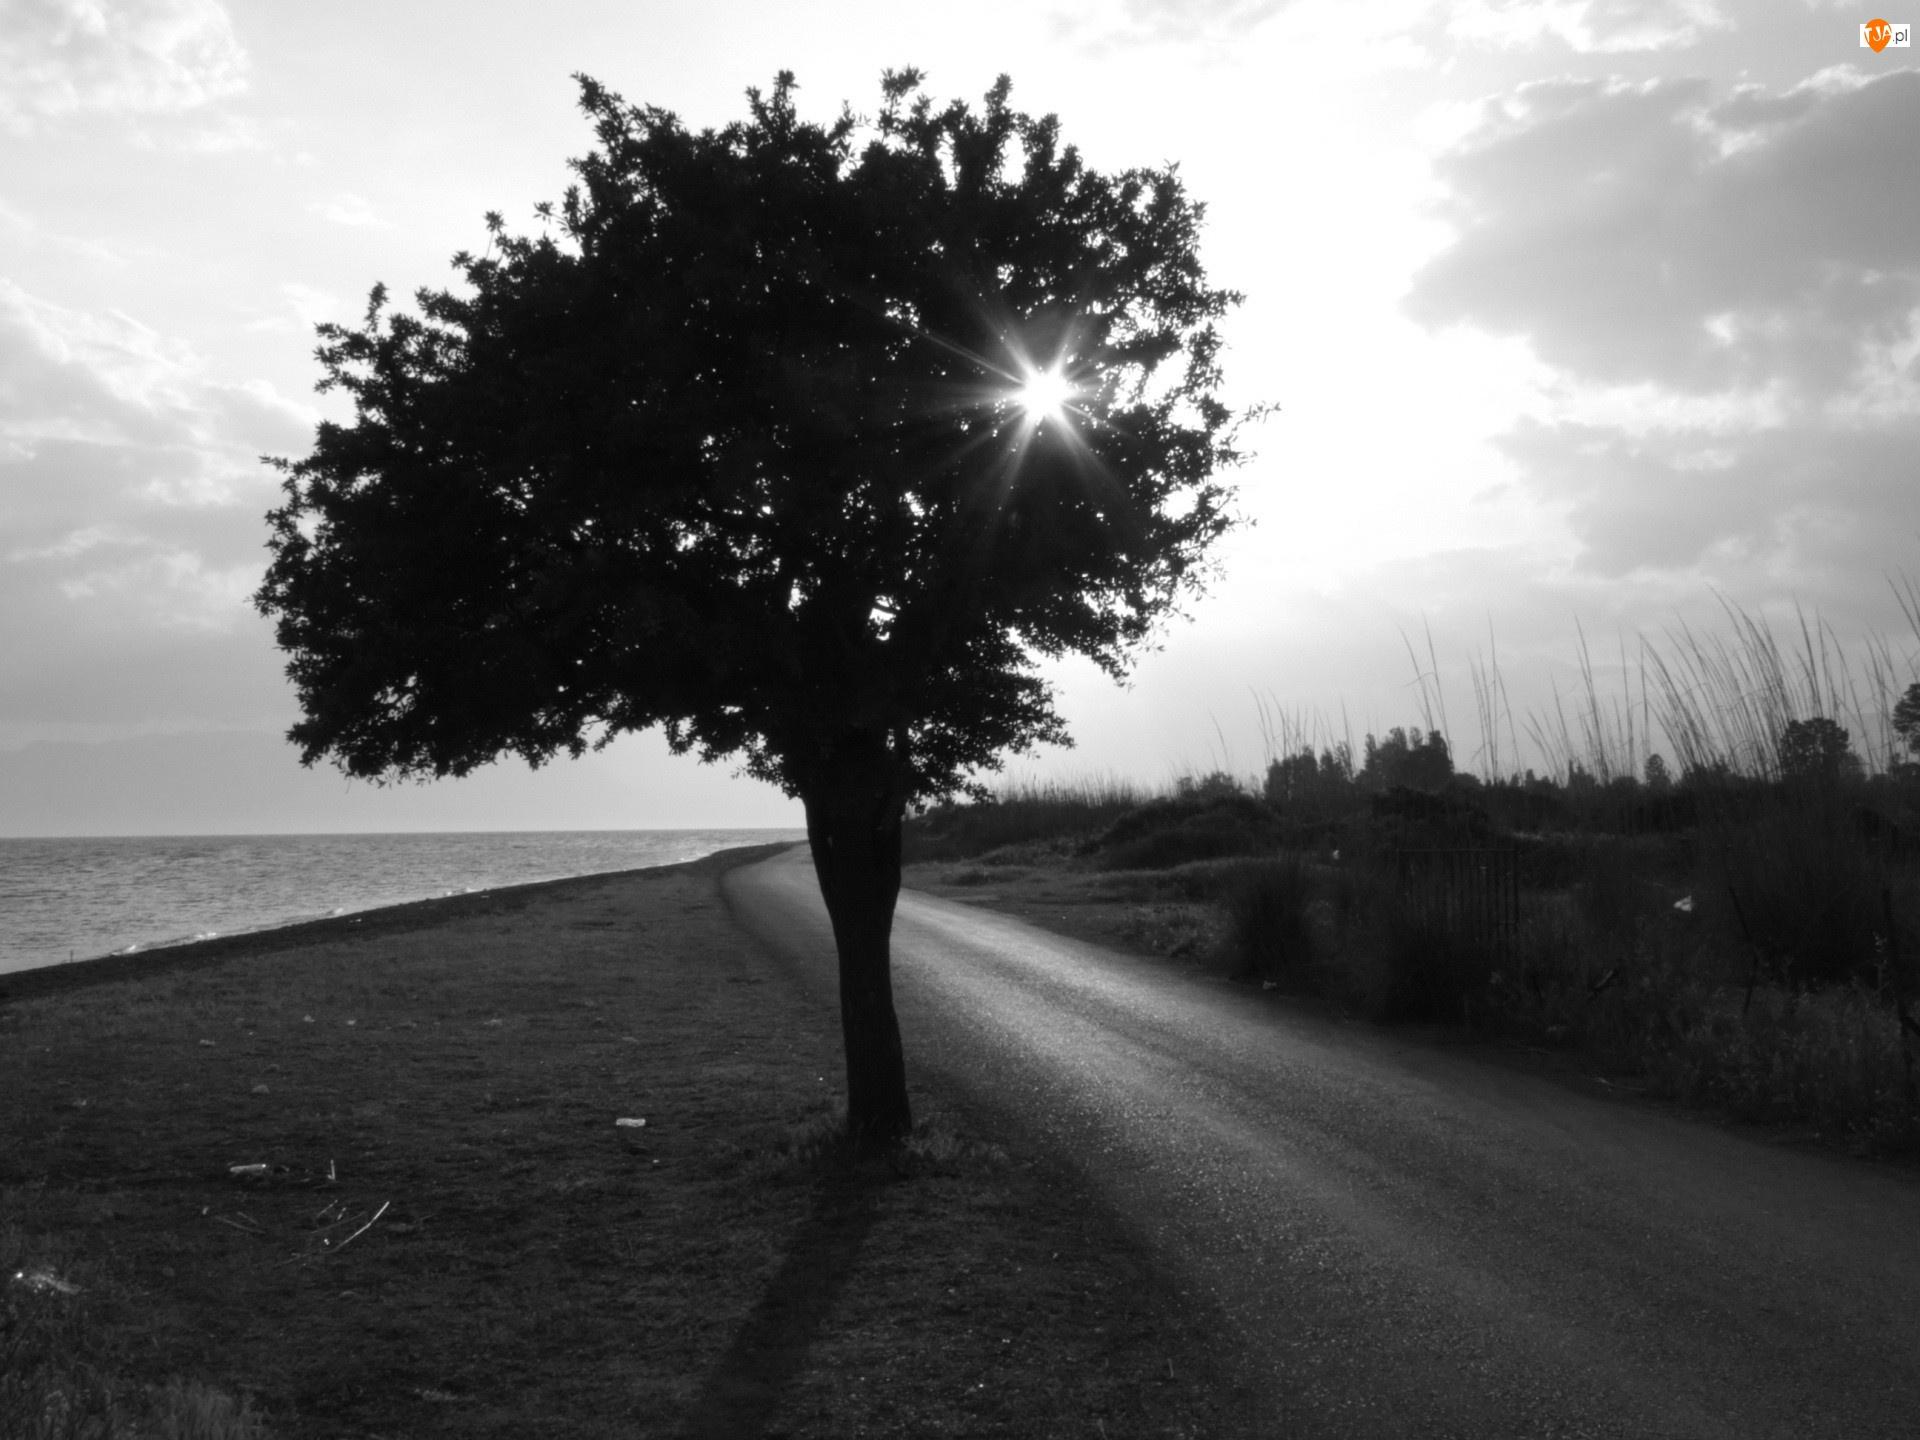 Drzewo, Droga, Promienie, Słońca